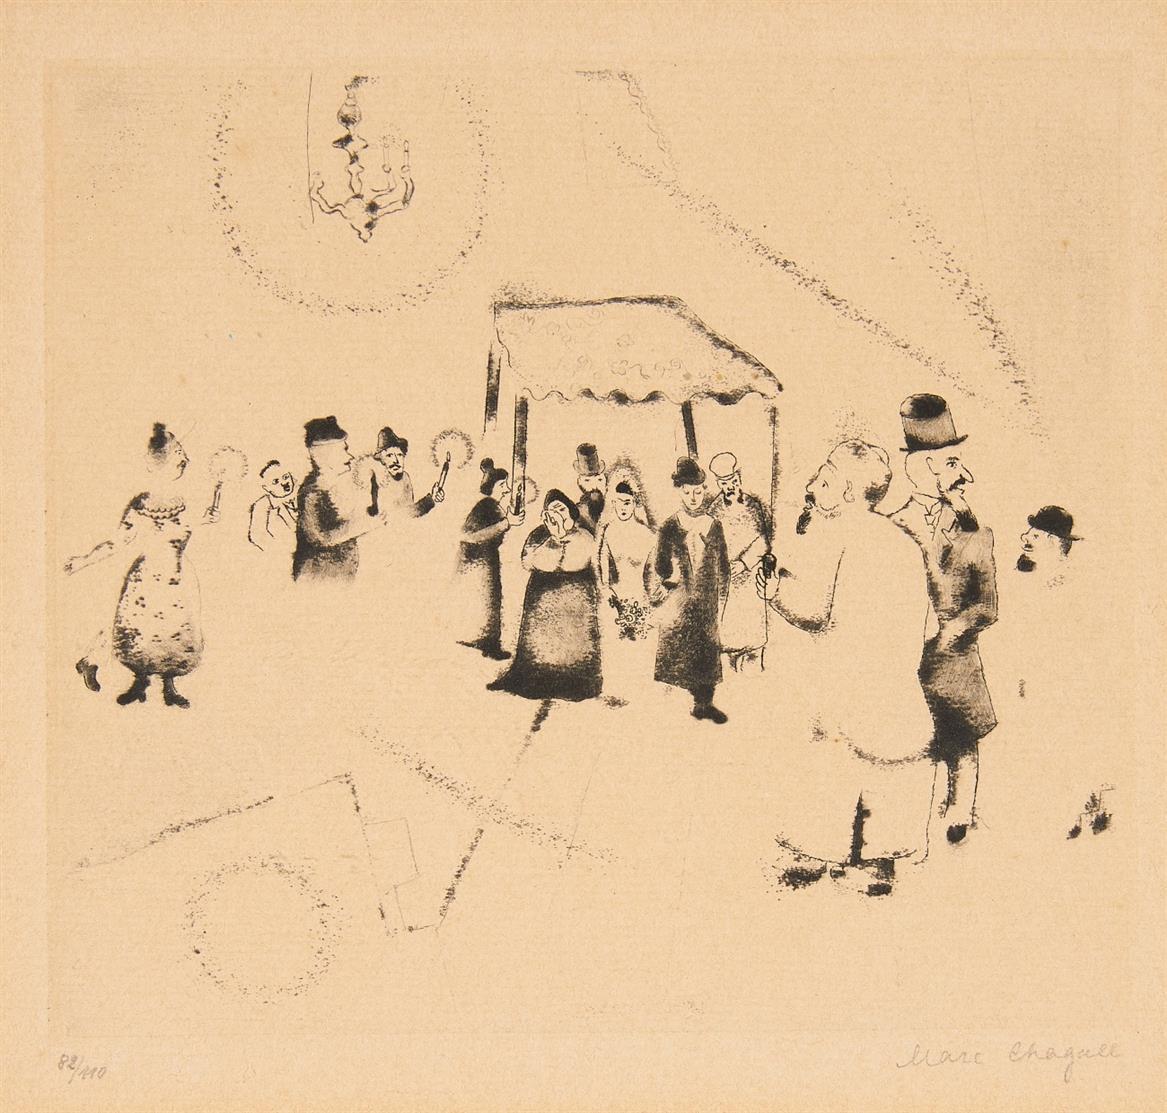 Marc Chagall. Hochzeit. Blatt 16 aus der Folge 'Mein Leben'. 1922 (1923). Radierung. Ex. 82/110.